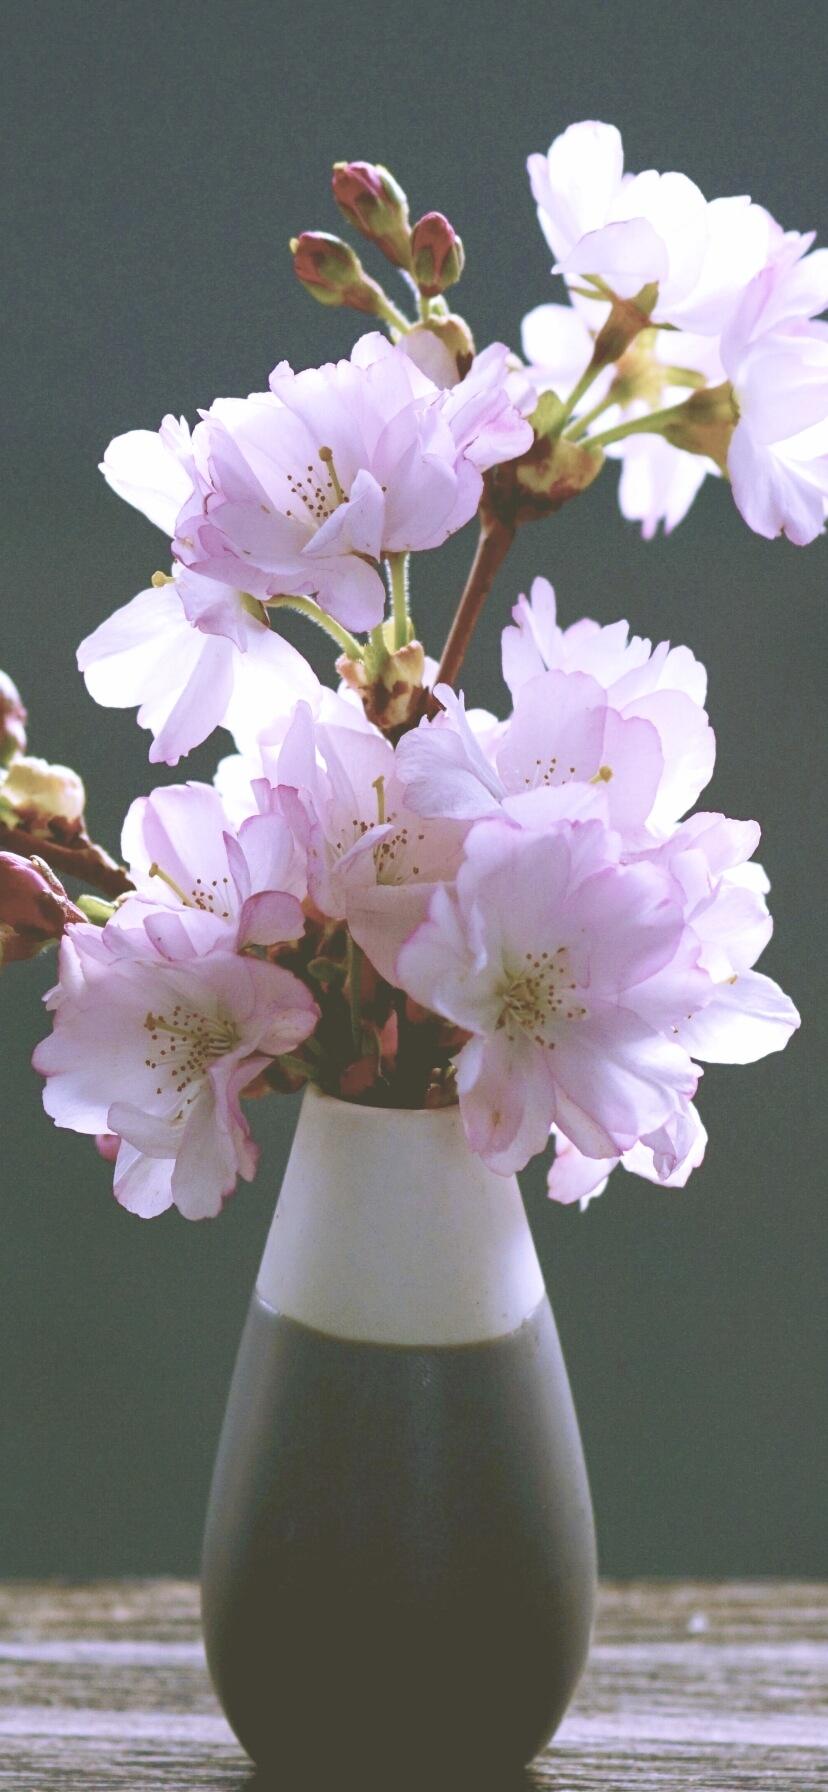 部屋に飾った桜A